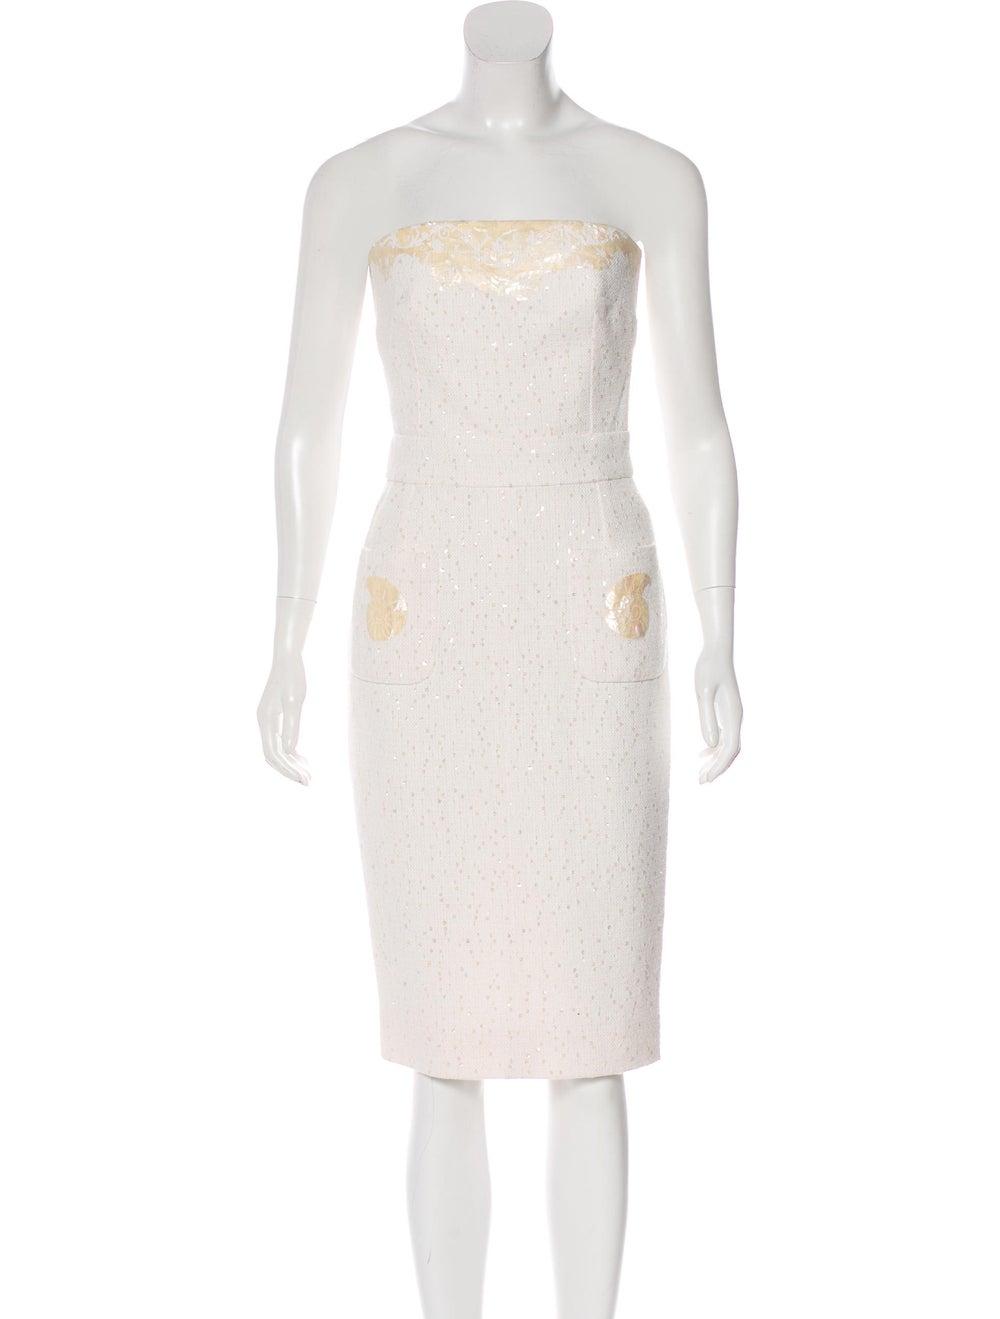 Chanel Embellished Tweed Dress Set - image 4